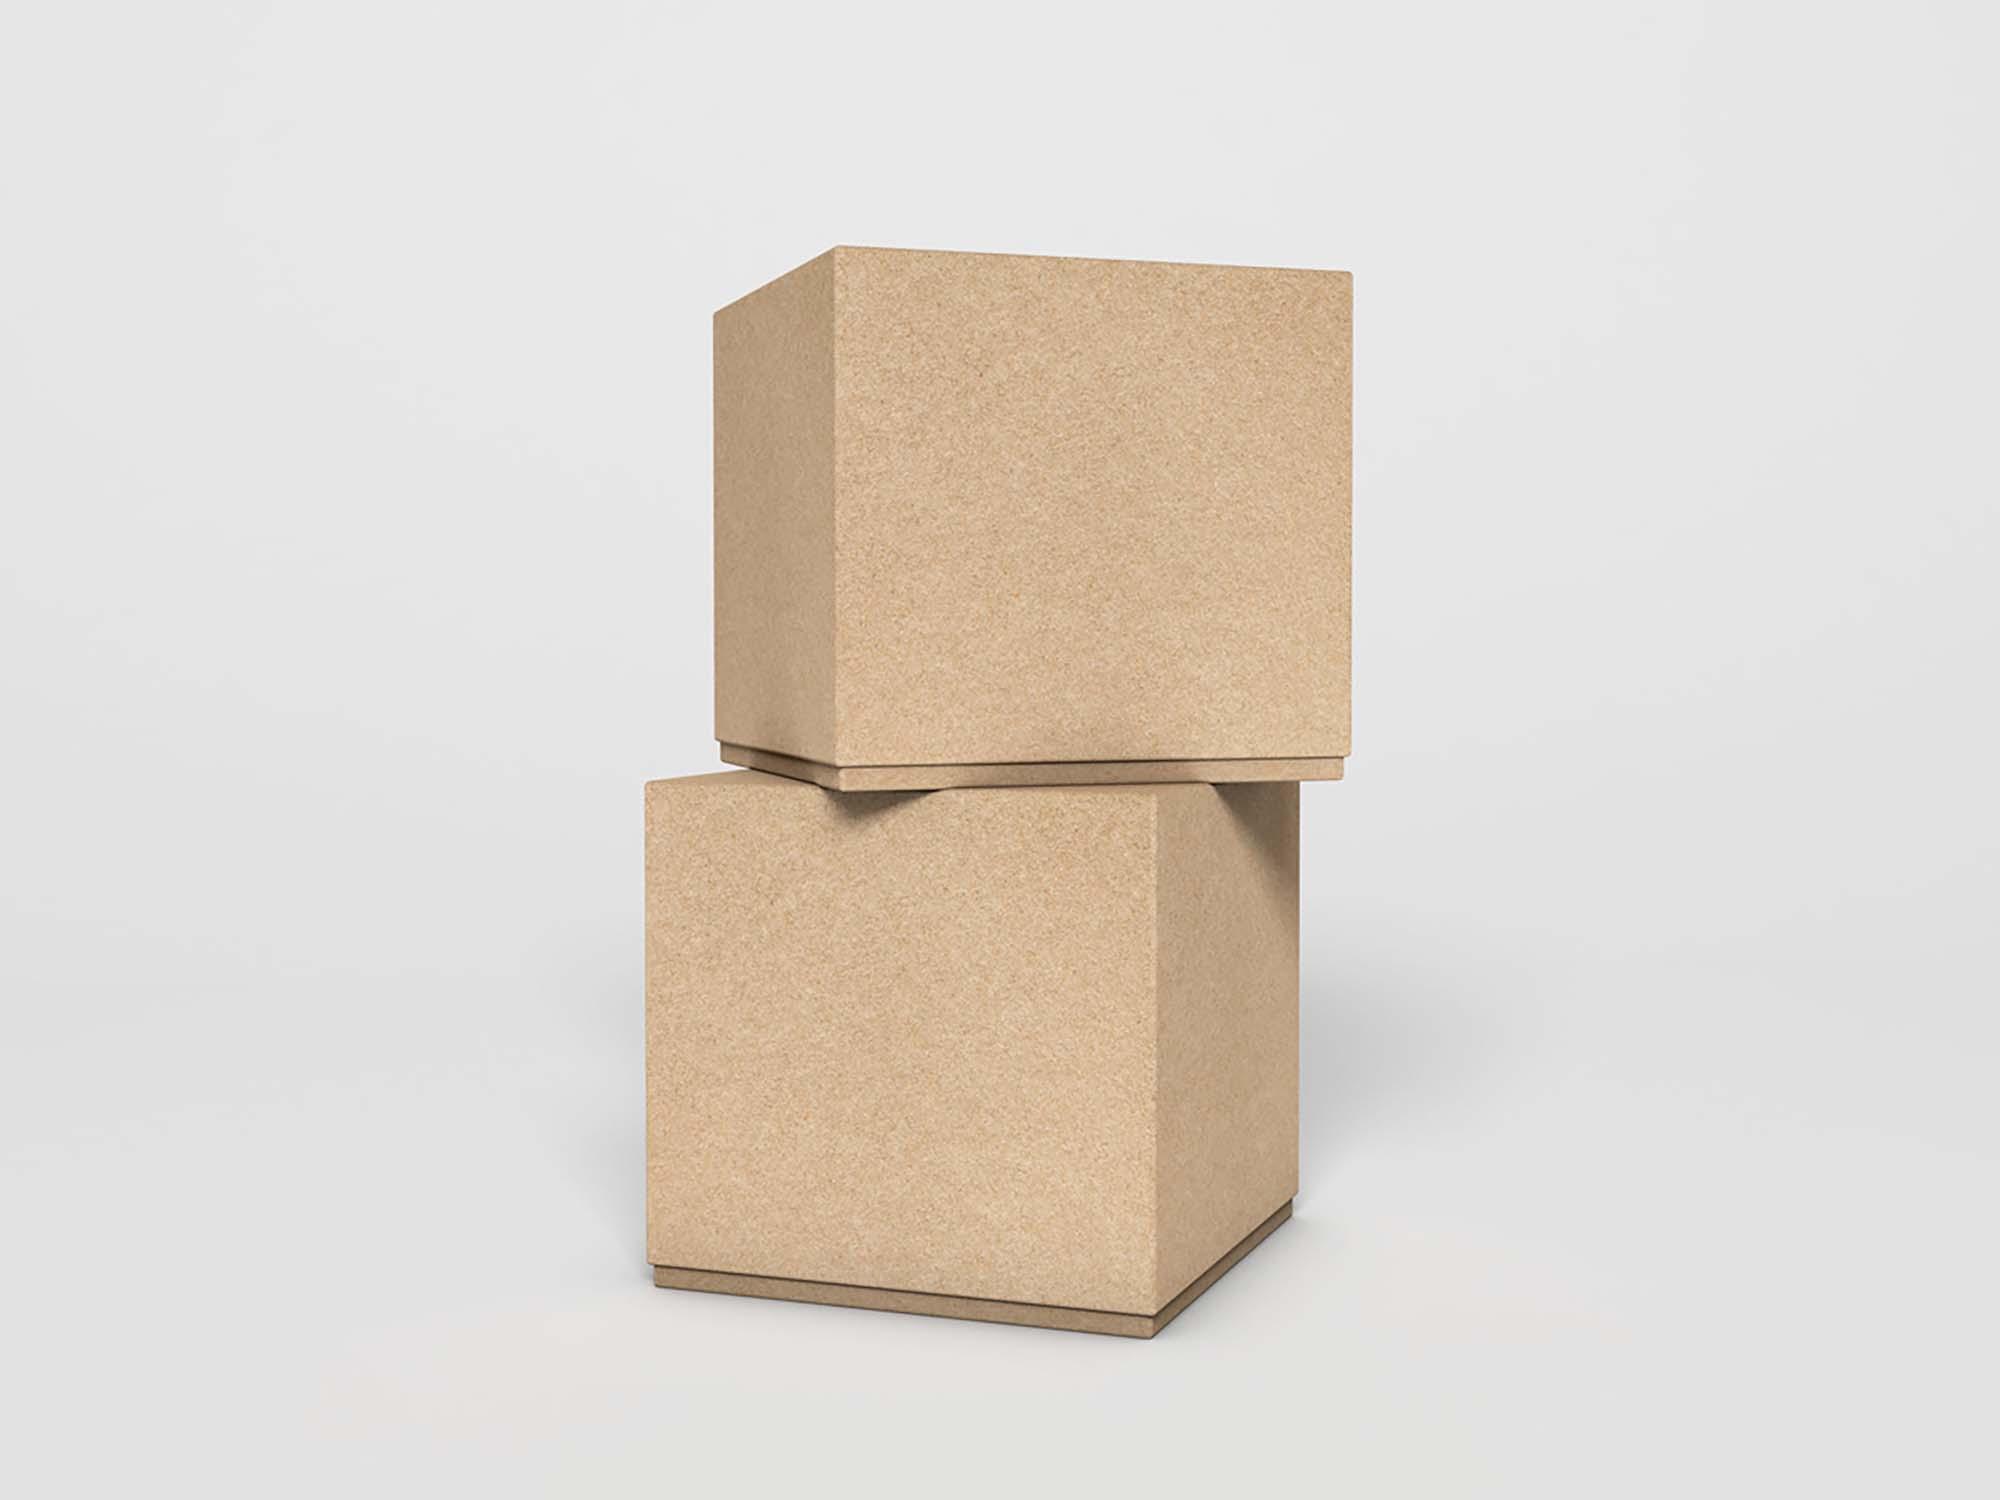 Craft Boxes Mockup 1